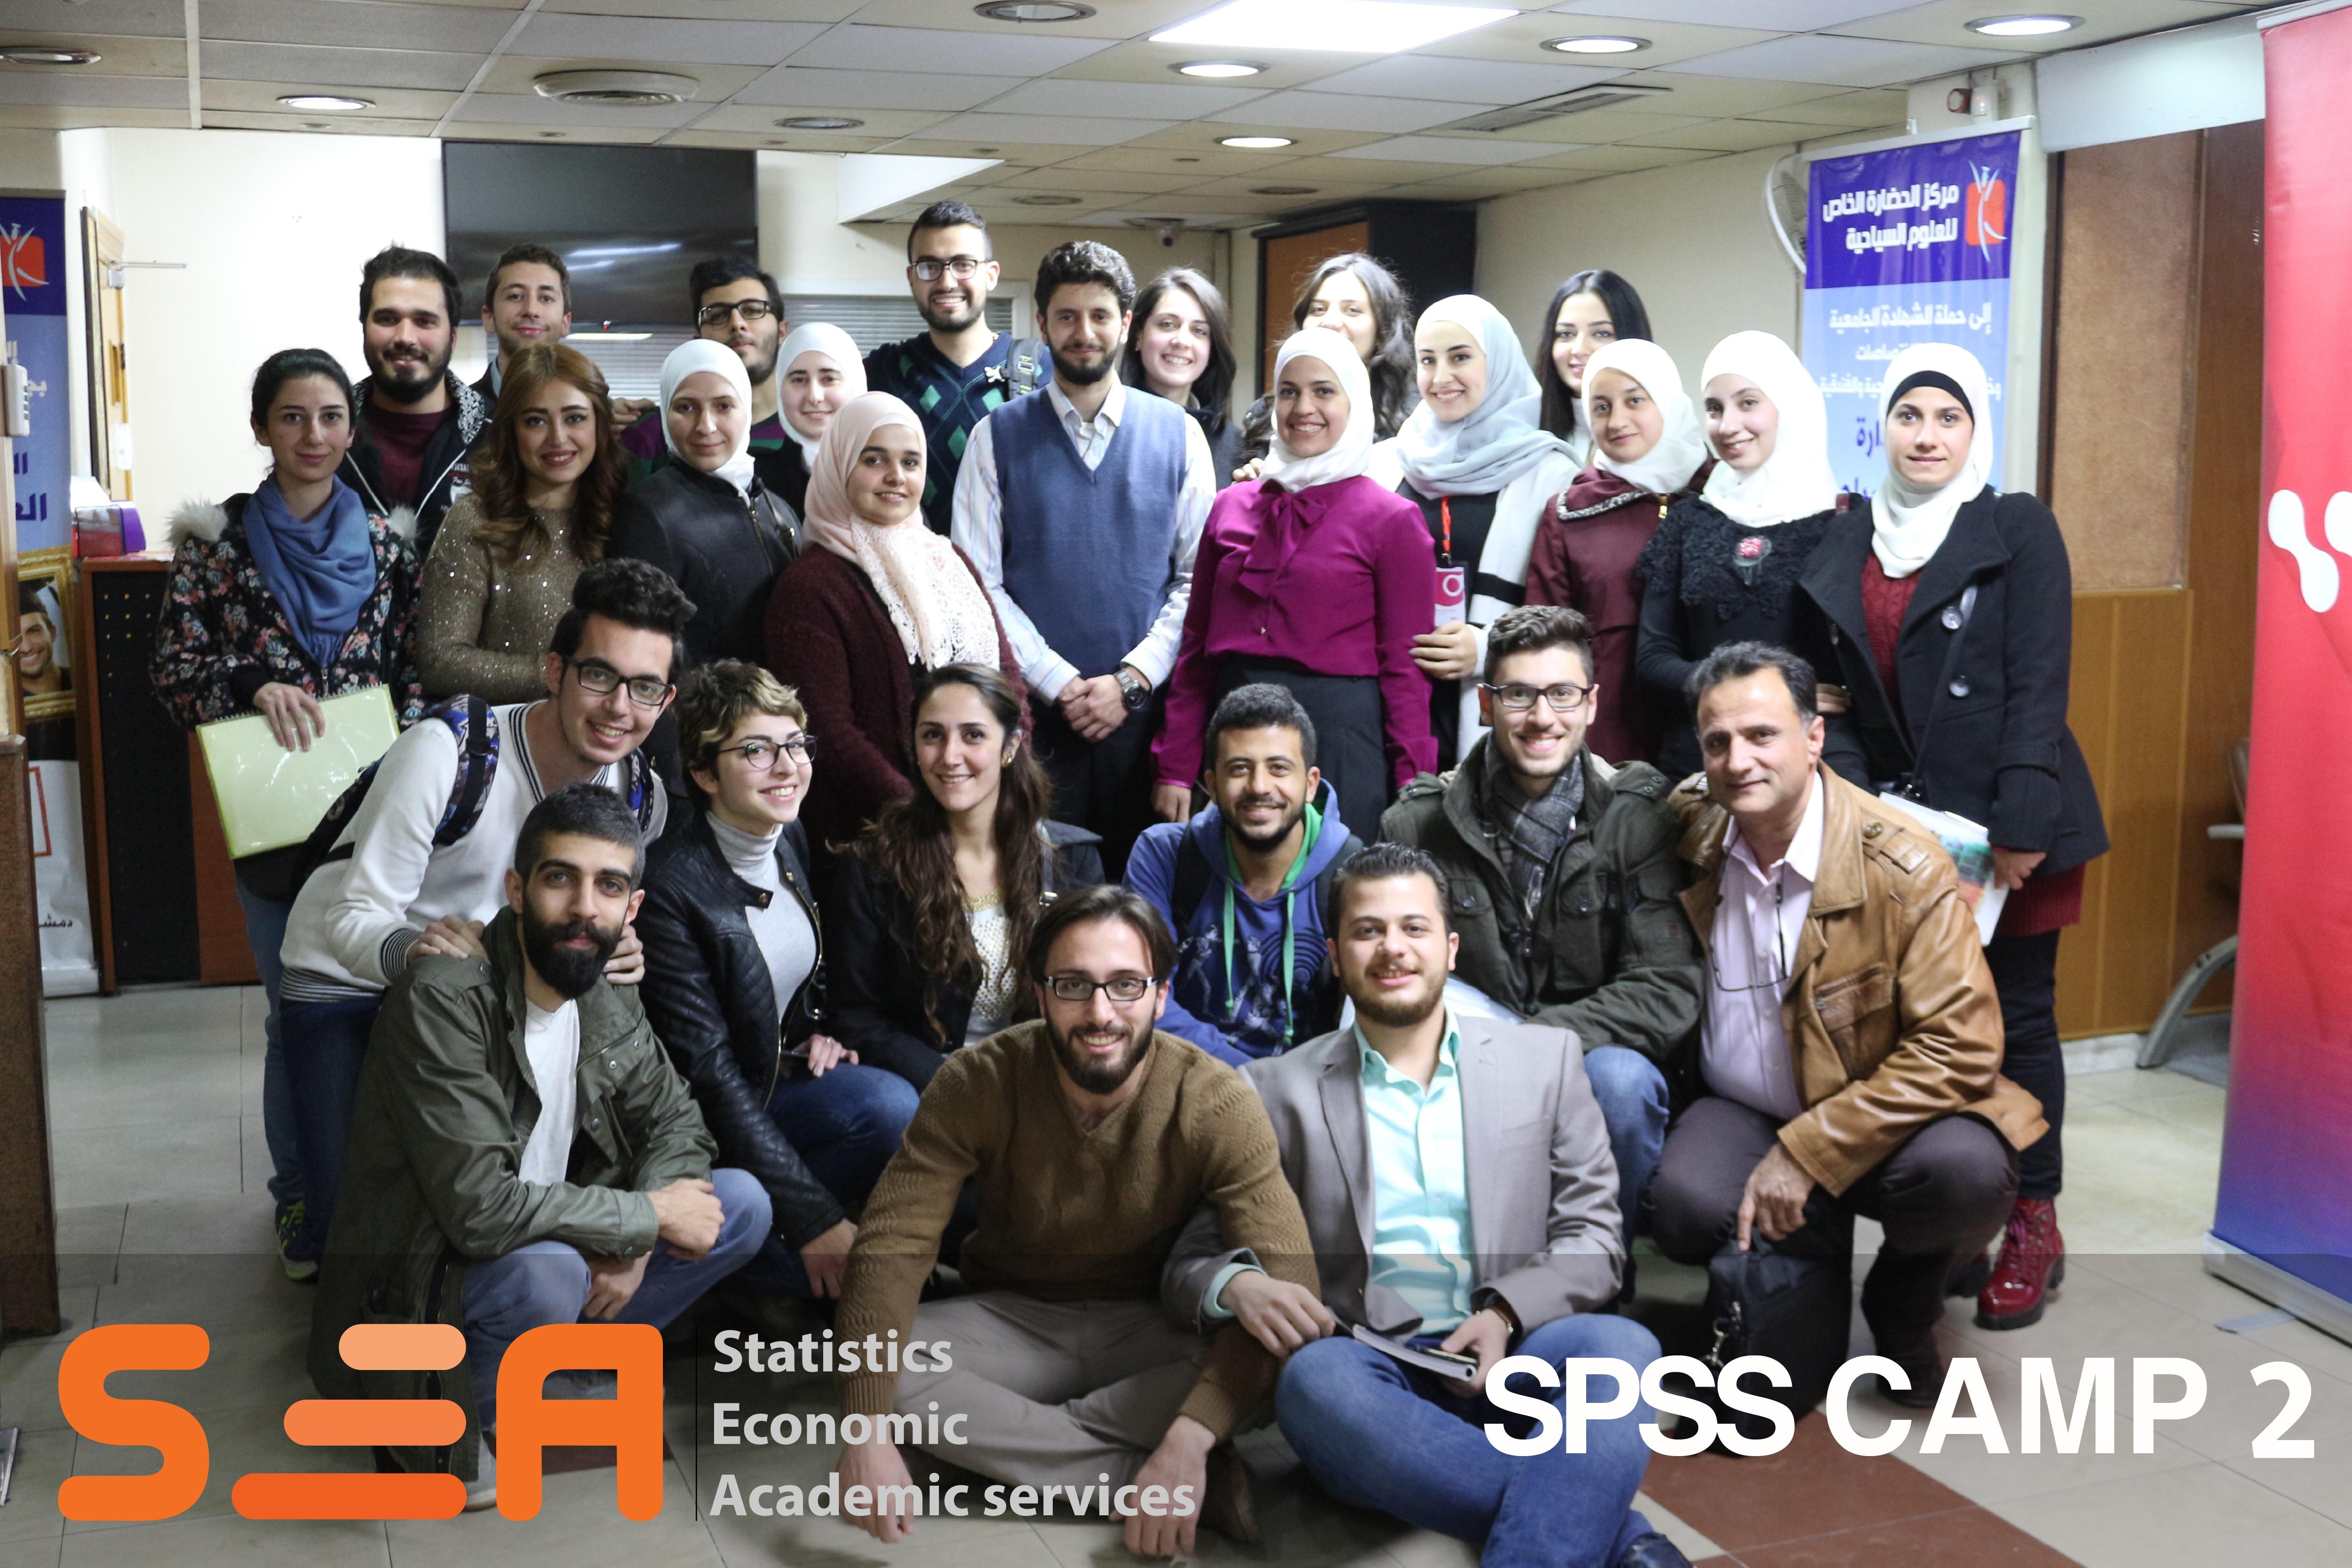 مخيم تحليل البيانات الثاني – SPSS CAMP 2